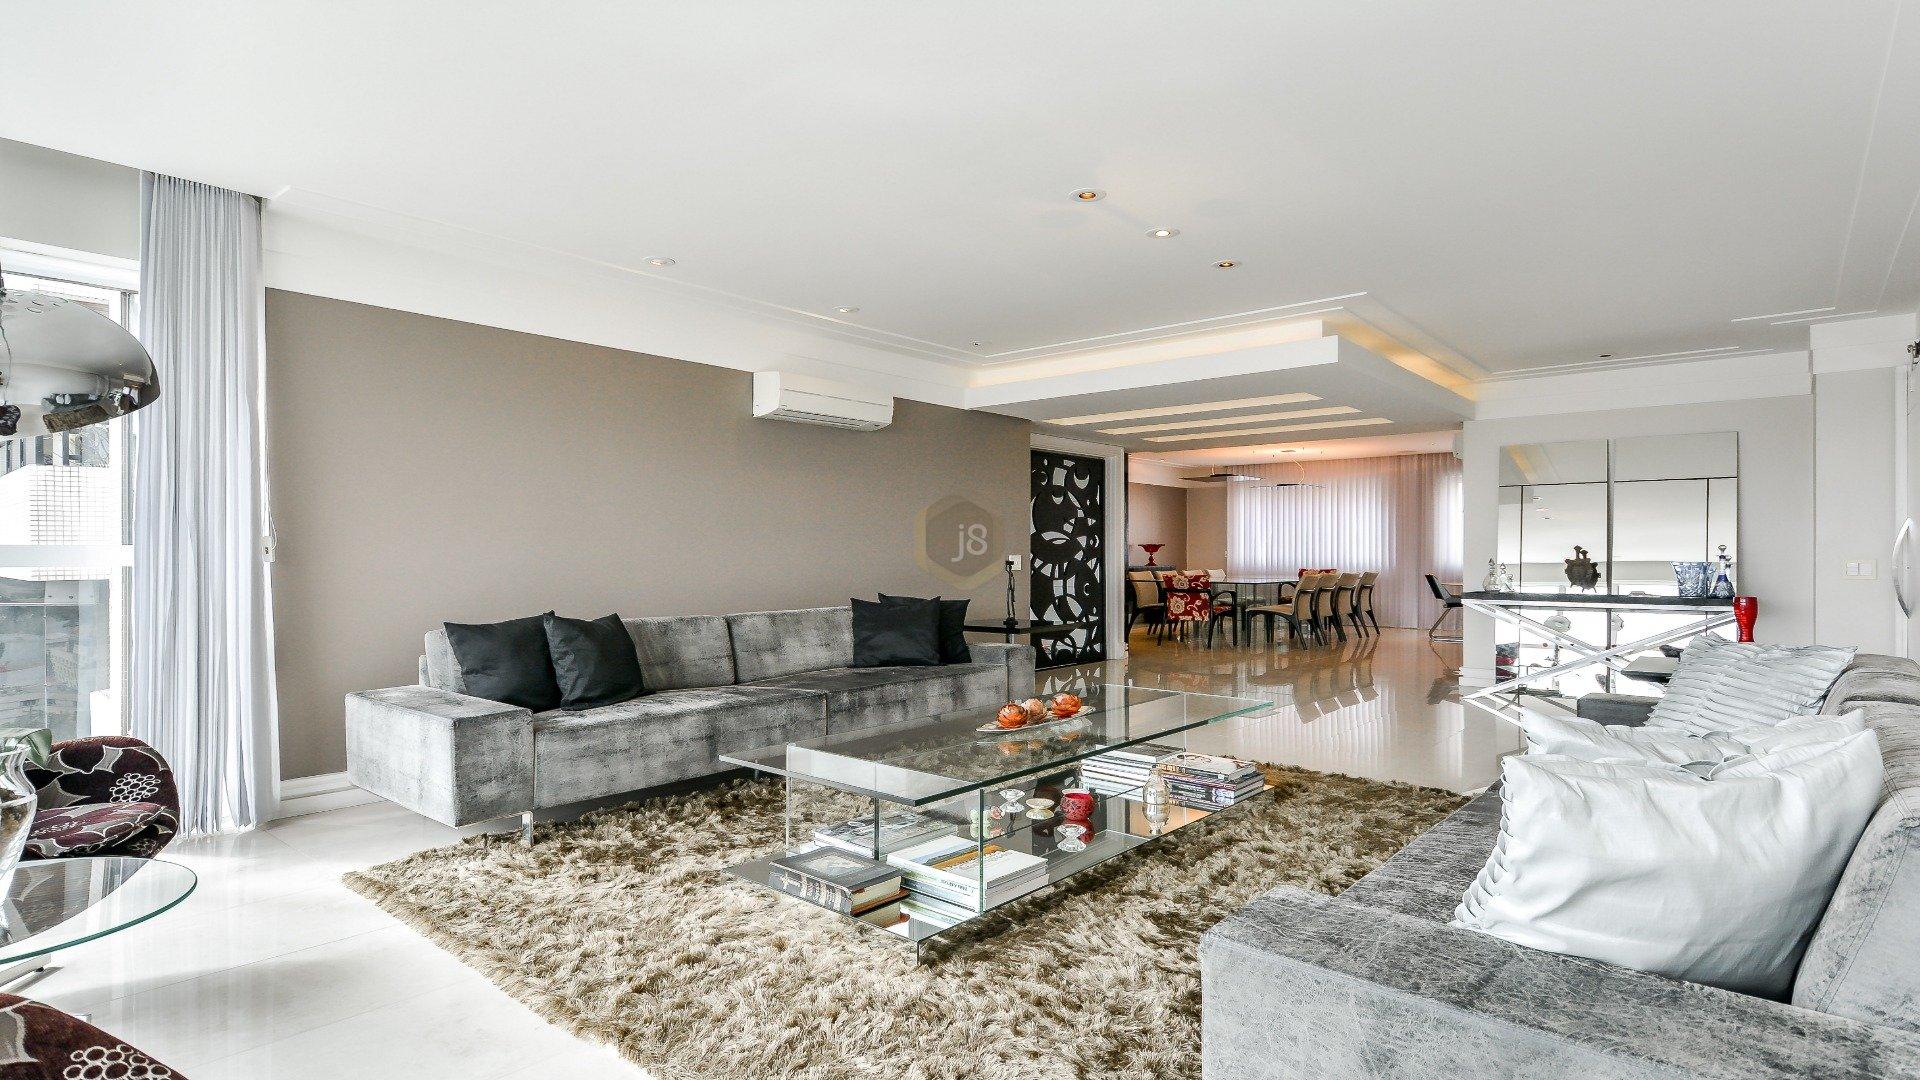 Foto de destaque Maravilhoso apartamento no coração do batel com 4 suítes e face norte.